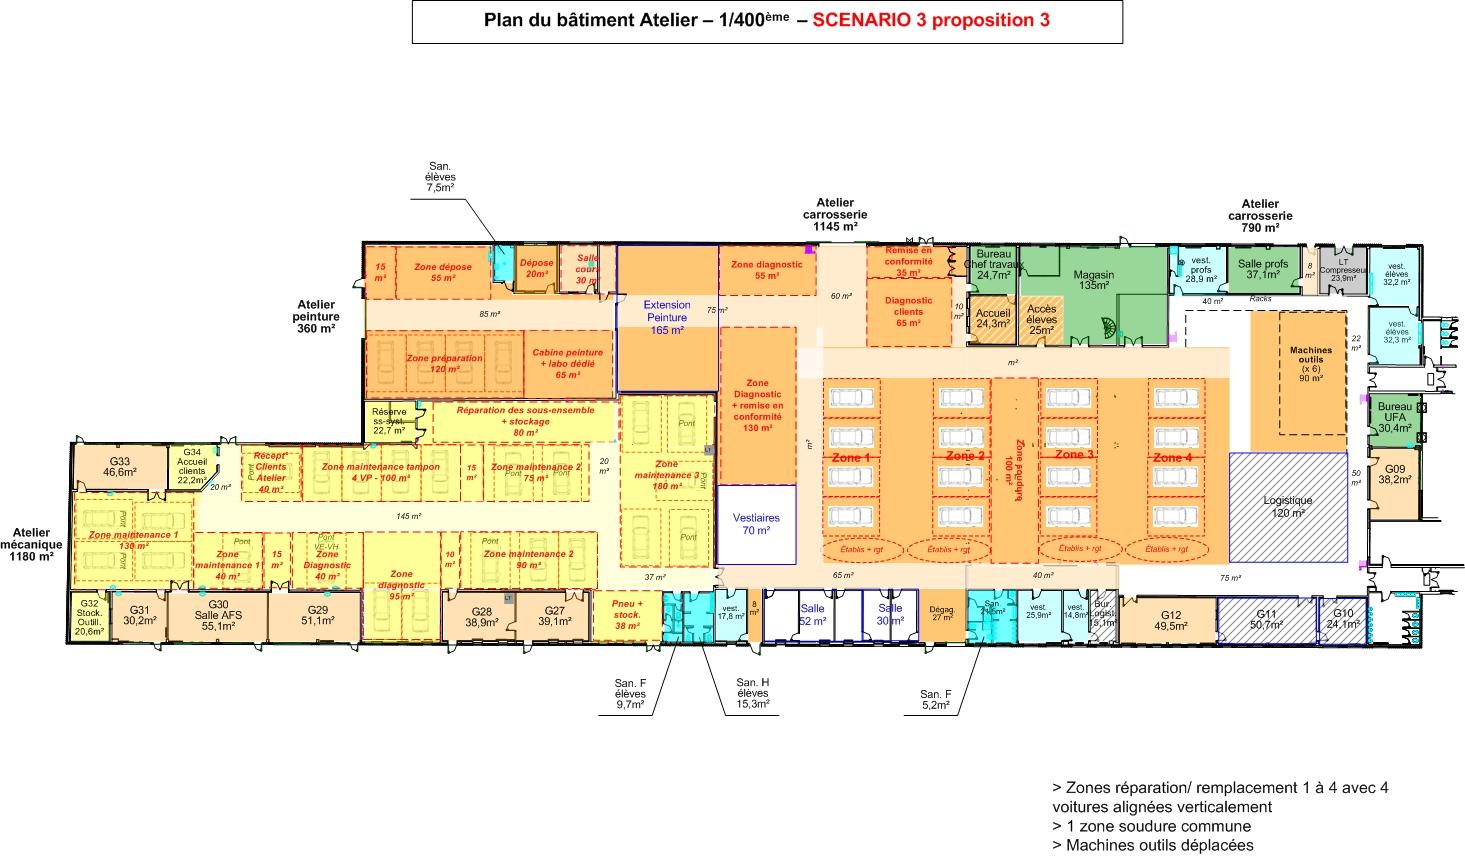 Niort-PlanAtelier-400eme-Faisa3-proposition3